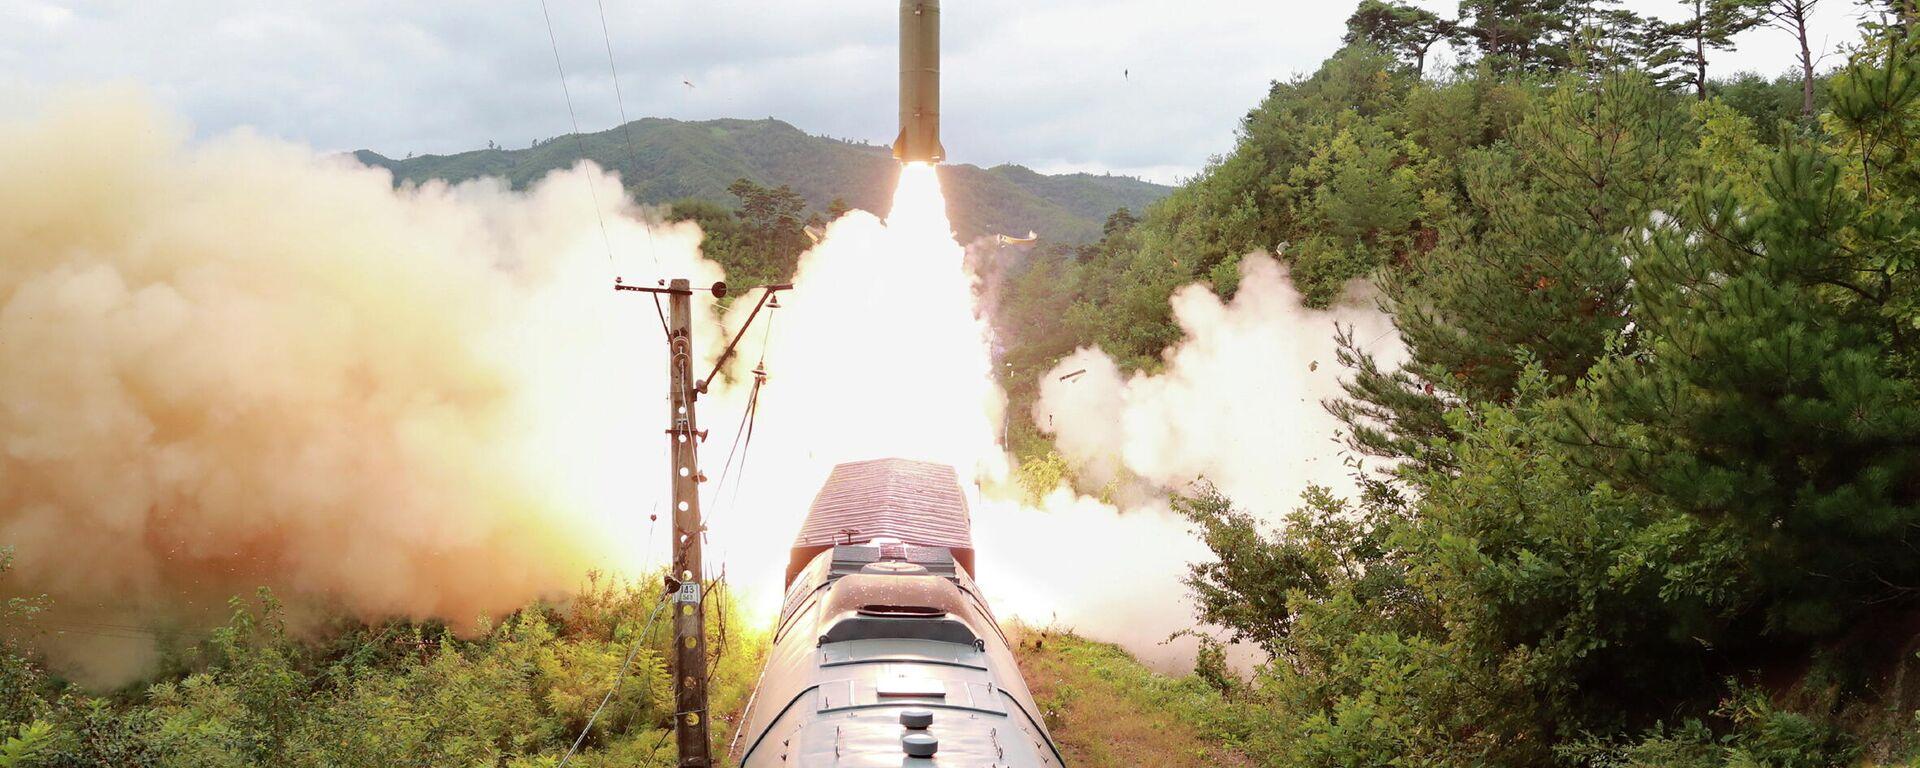 Sistema de misiles ferroviario norcoreano - Sputnik Mundo, 1920, 15.09.2021